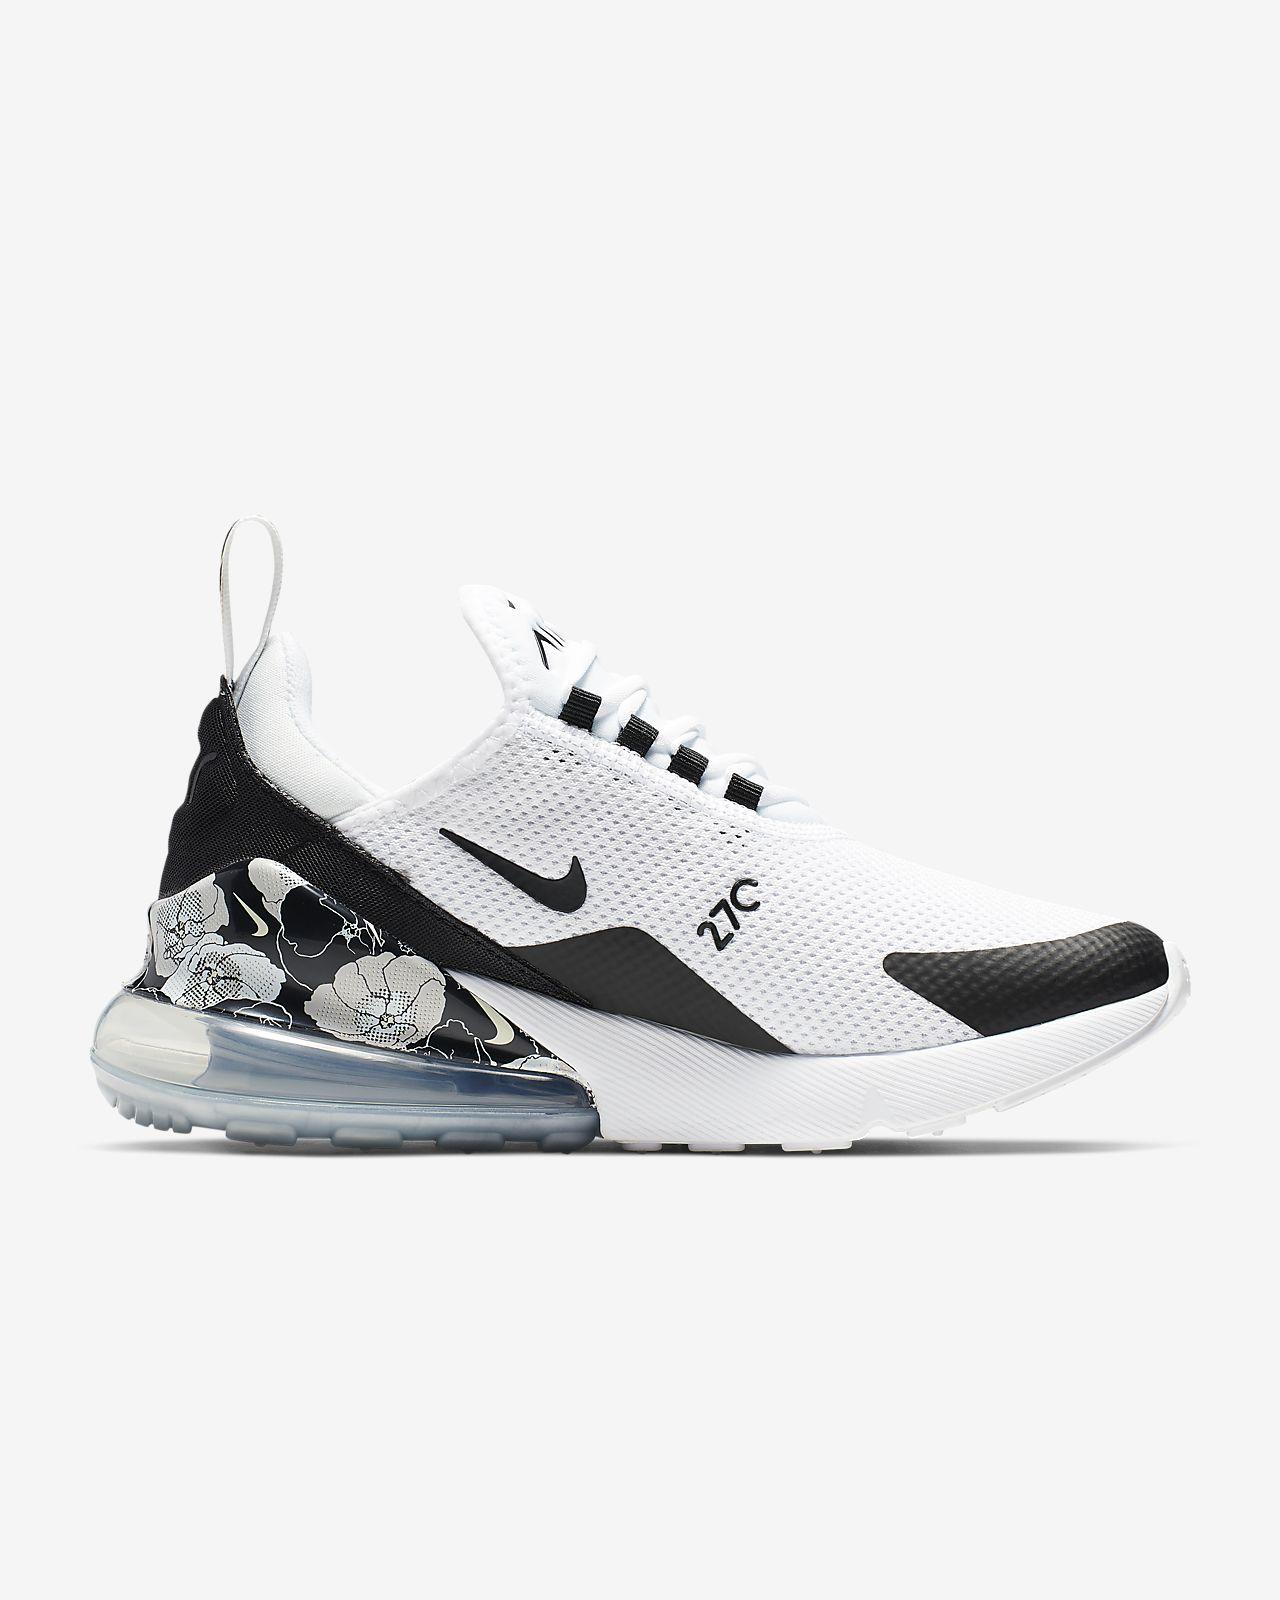 chaussures de sport 591d0 7d42f Chaussure Nike Air Max 270 SE Floral pour Femme